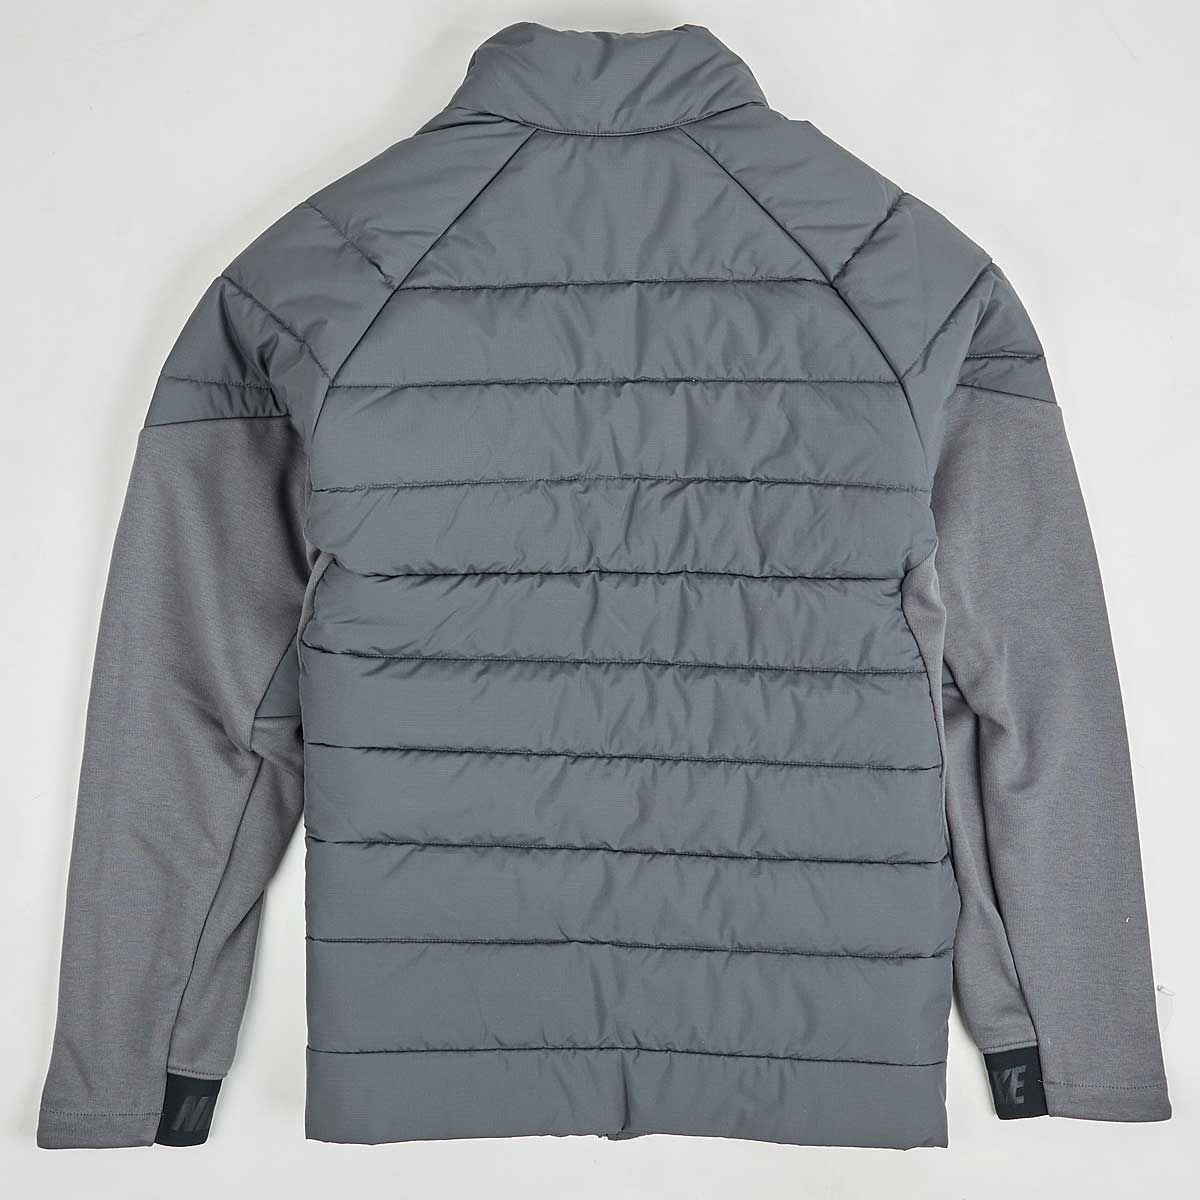 nike M NSW SYN FILL AV15 Jacket dark greywhite